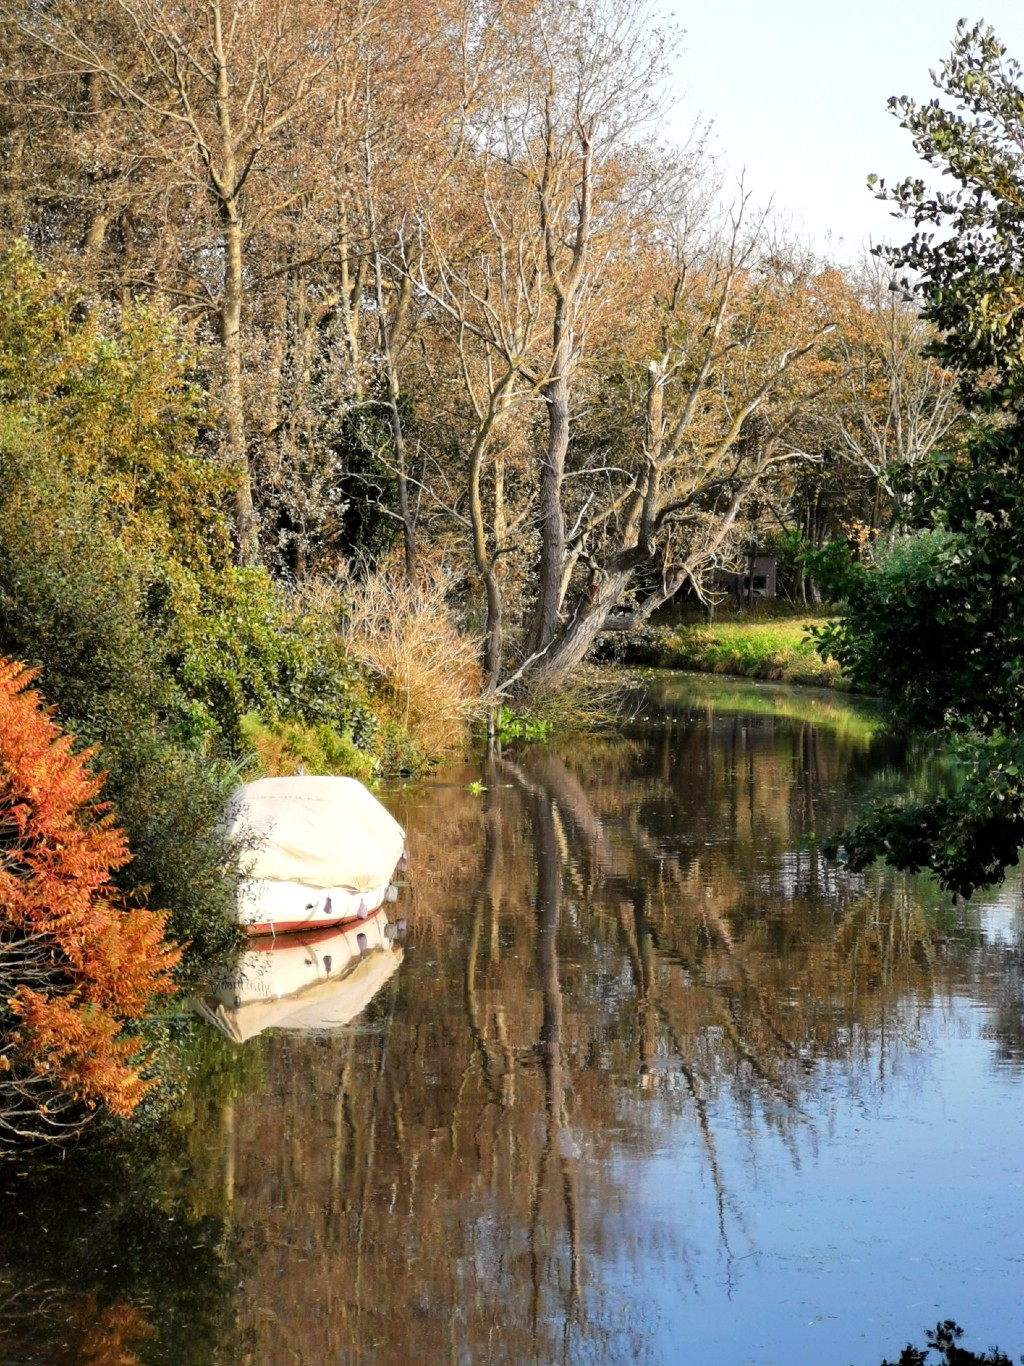 landgoed Huys te Warmont, Landgoed, erfgoed, boot, zuid-holland